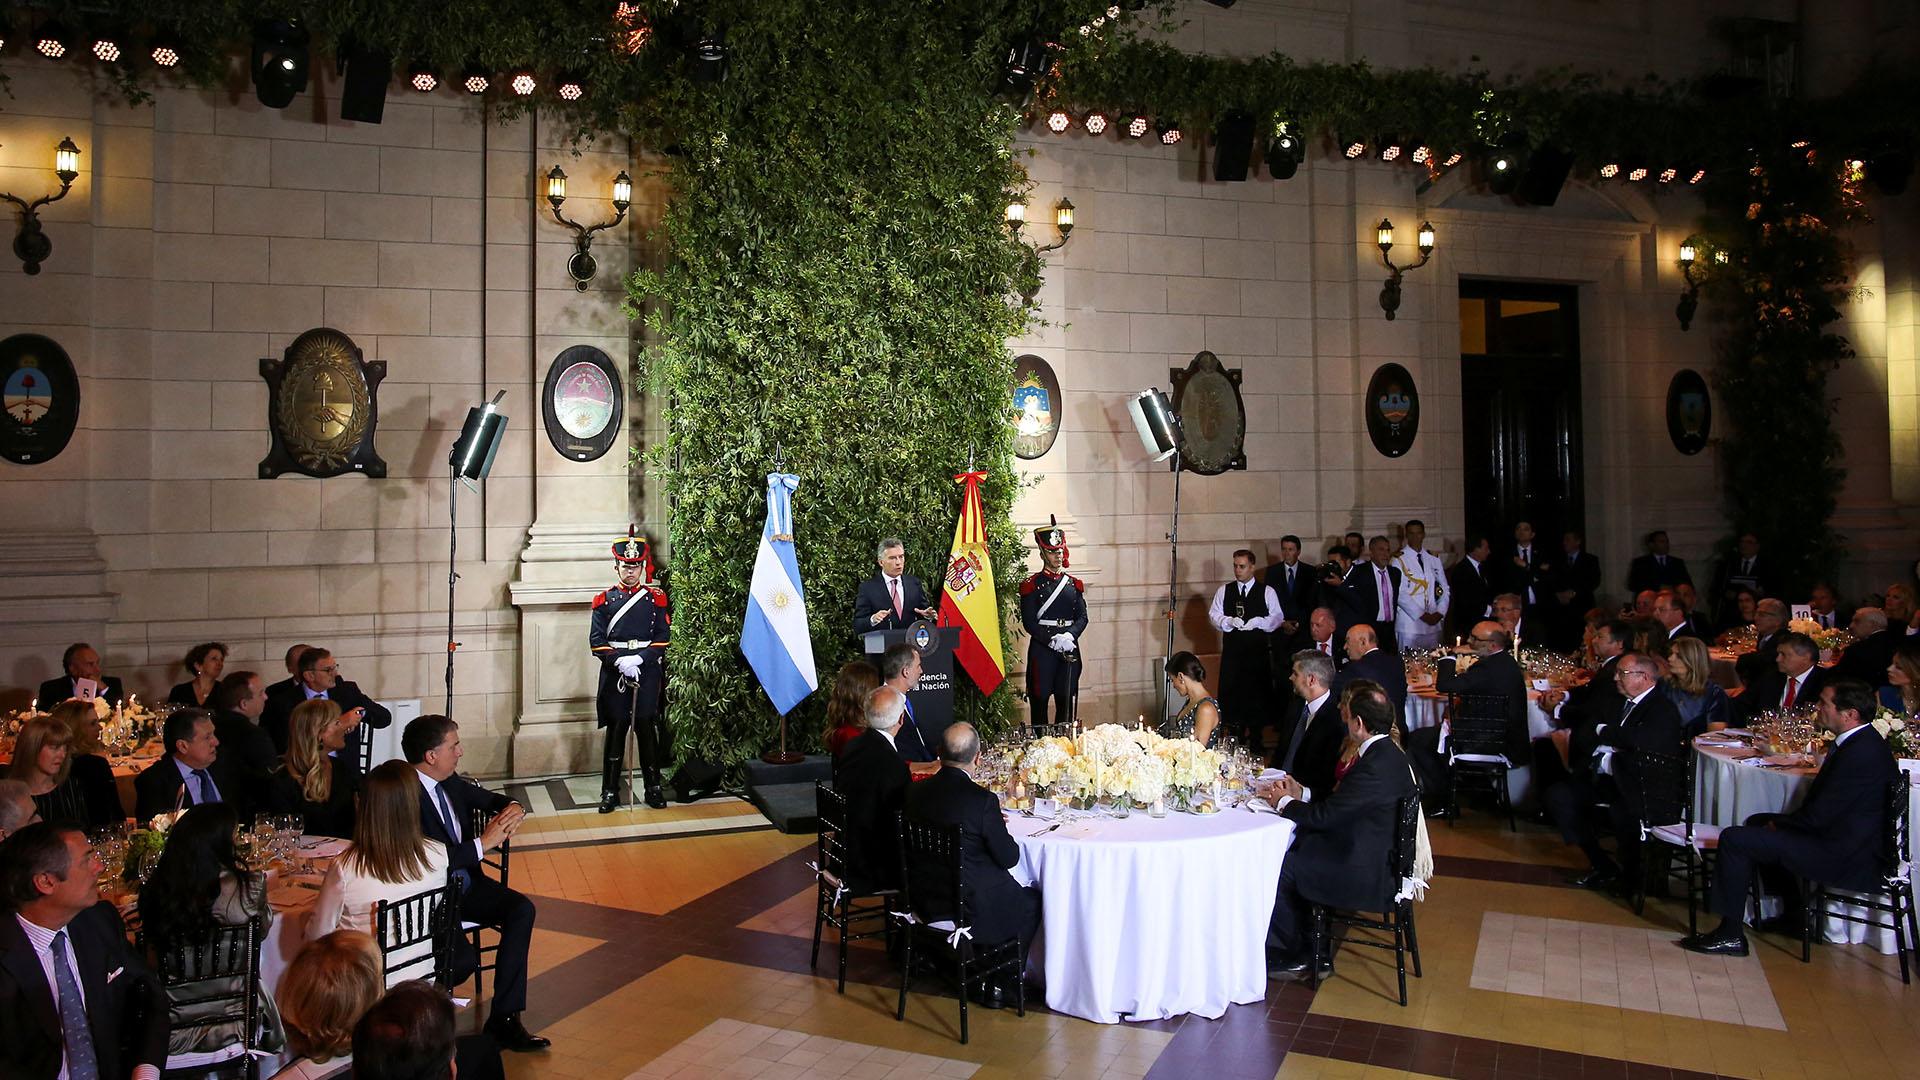 En el gran salón de homenajes del primer piso del CCK, 400 personas participaron del evento.